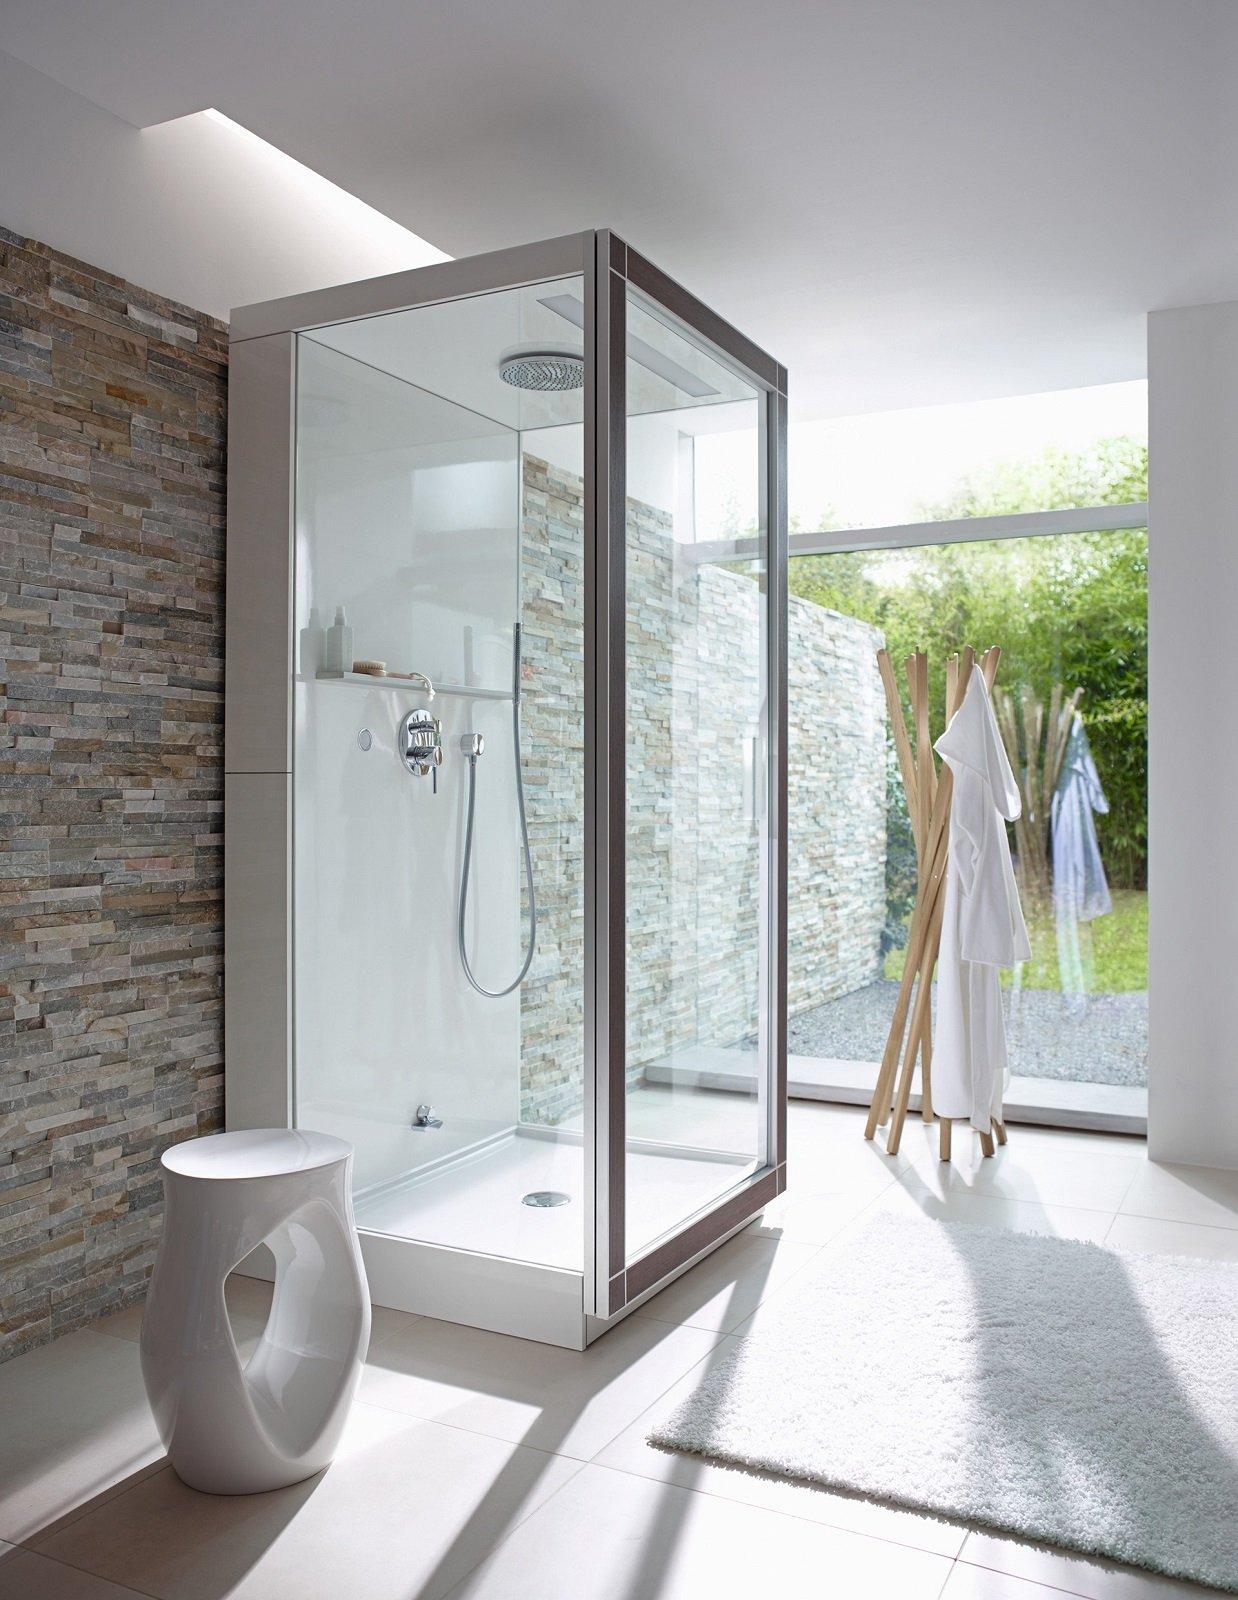 Bagno turco la tua casa per il tuo benessere cose di casa for Bagno della casa moderna